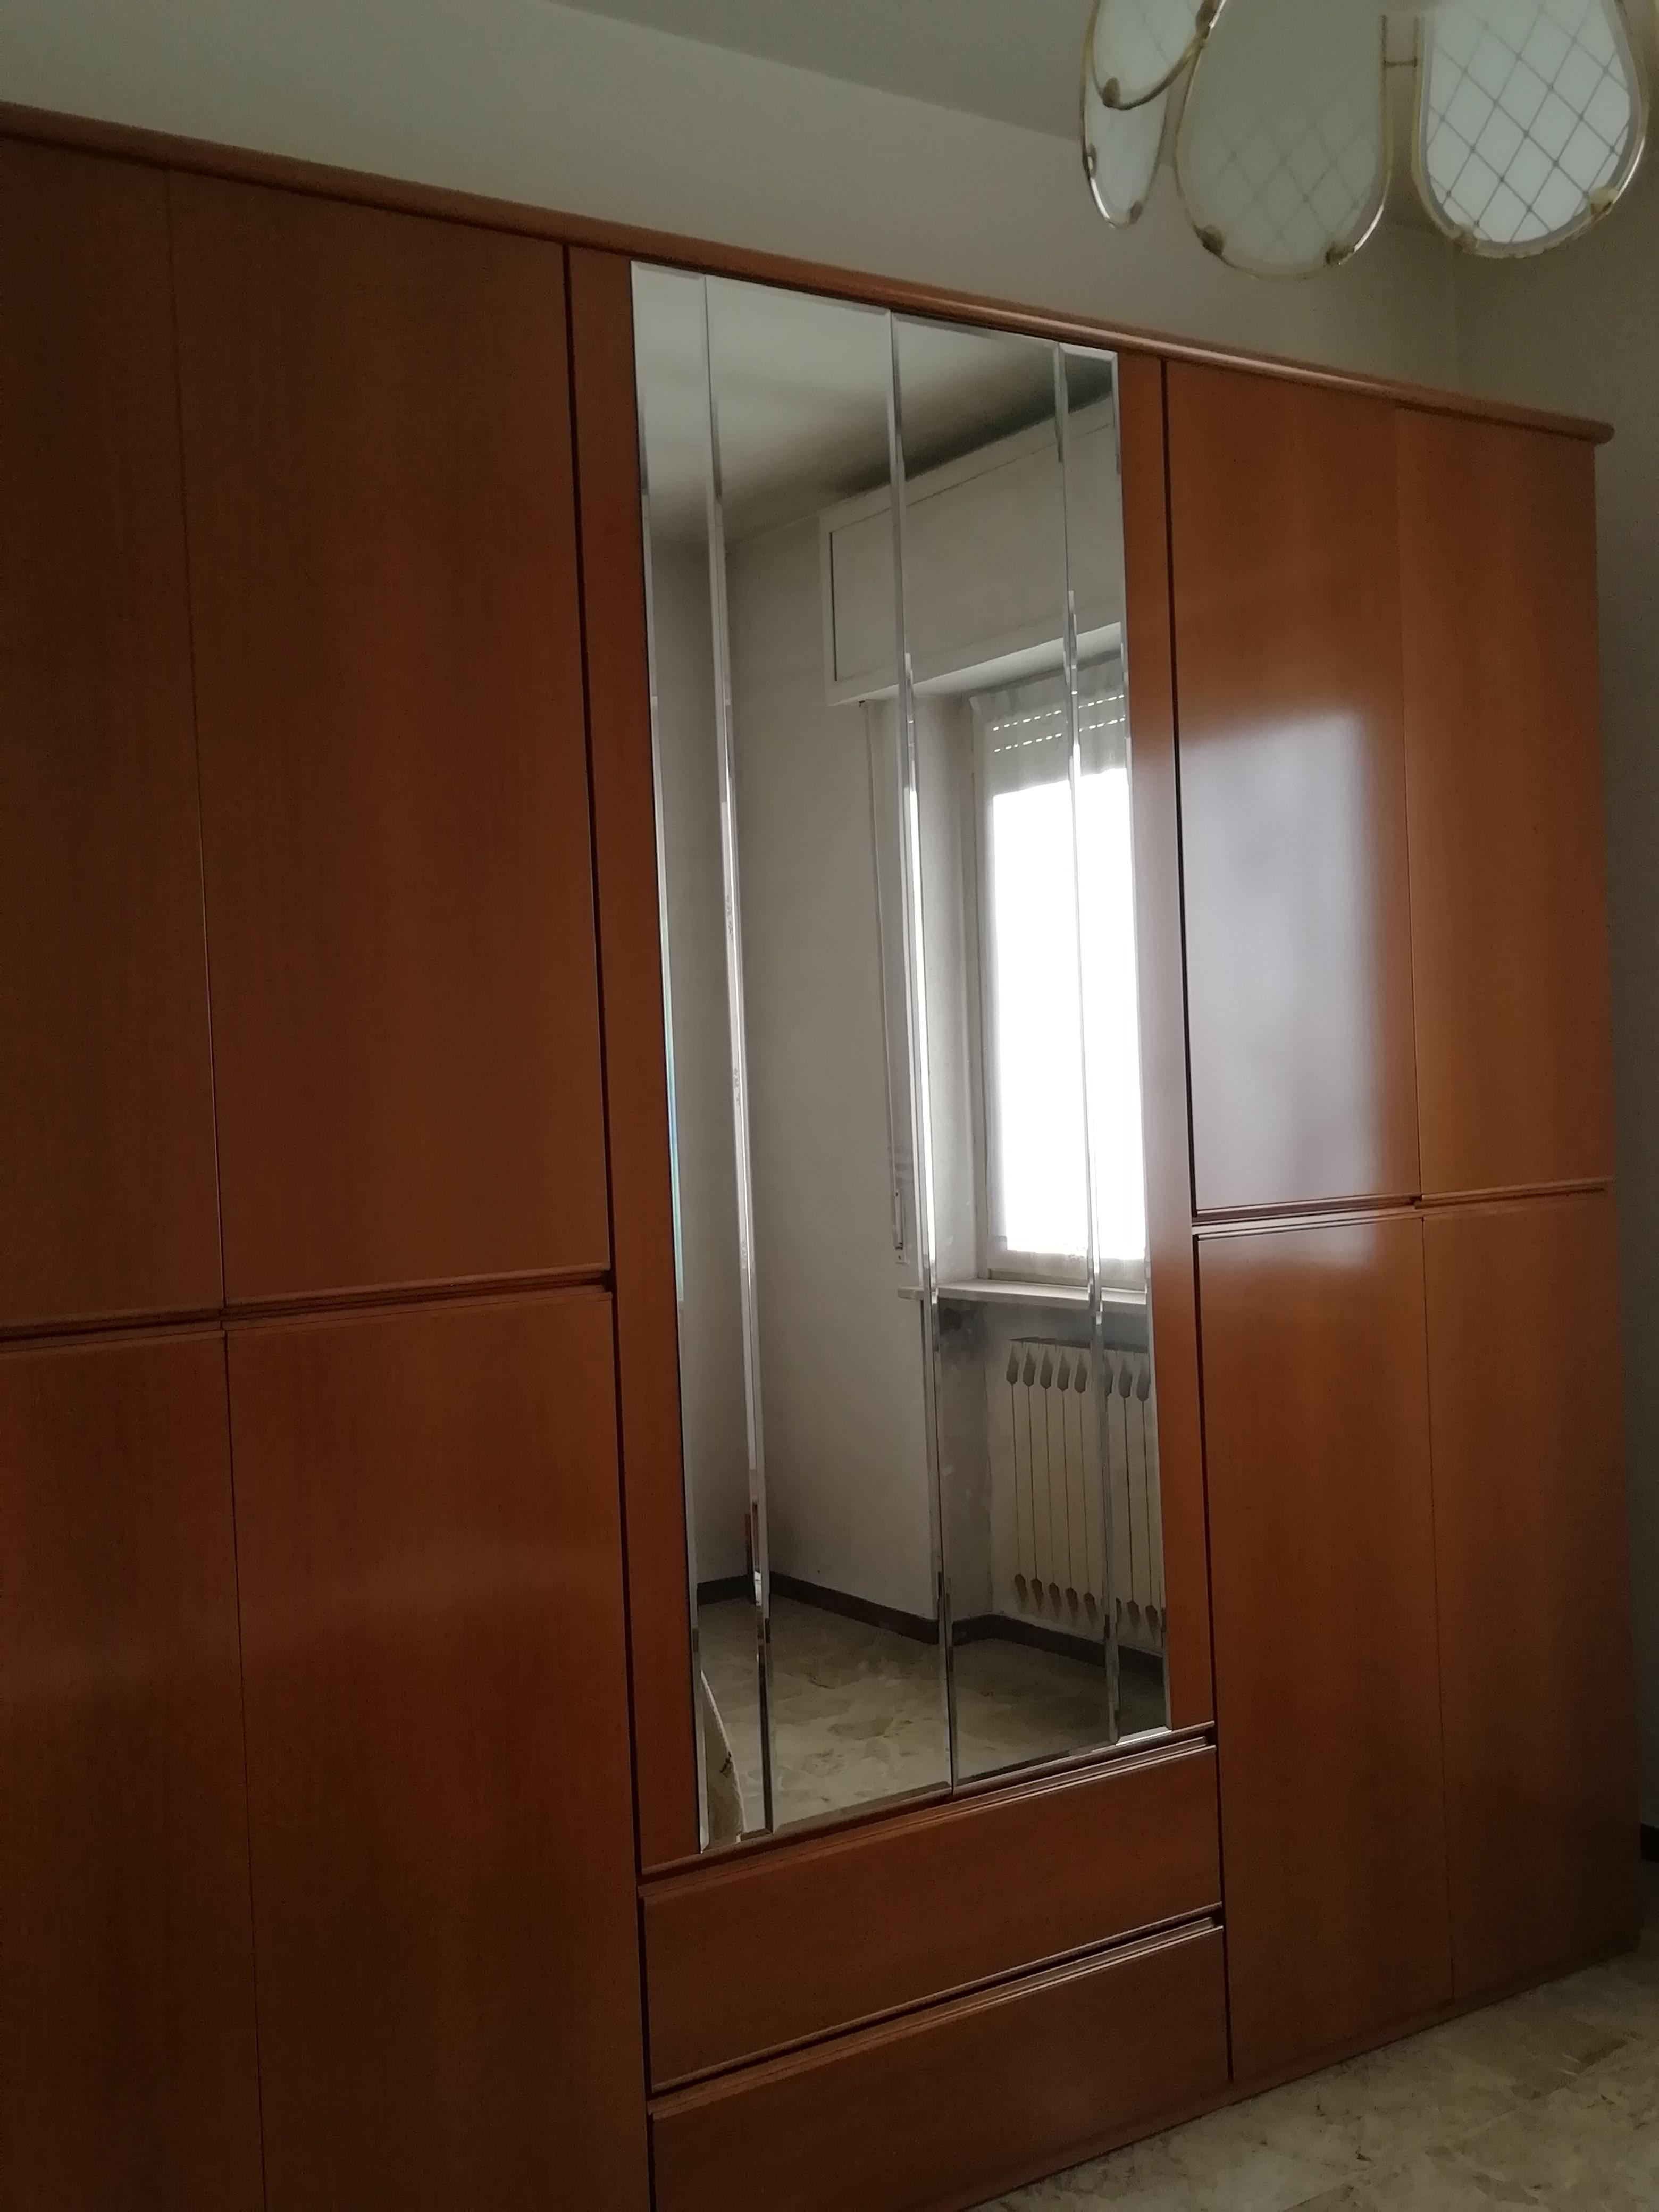 Camera Matrimoniale Completa Usata.Camera Matrimoniale Completa Il Tendone Solidale Mercatino Dell Usato